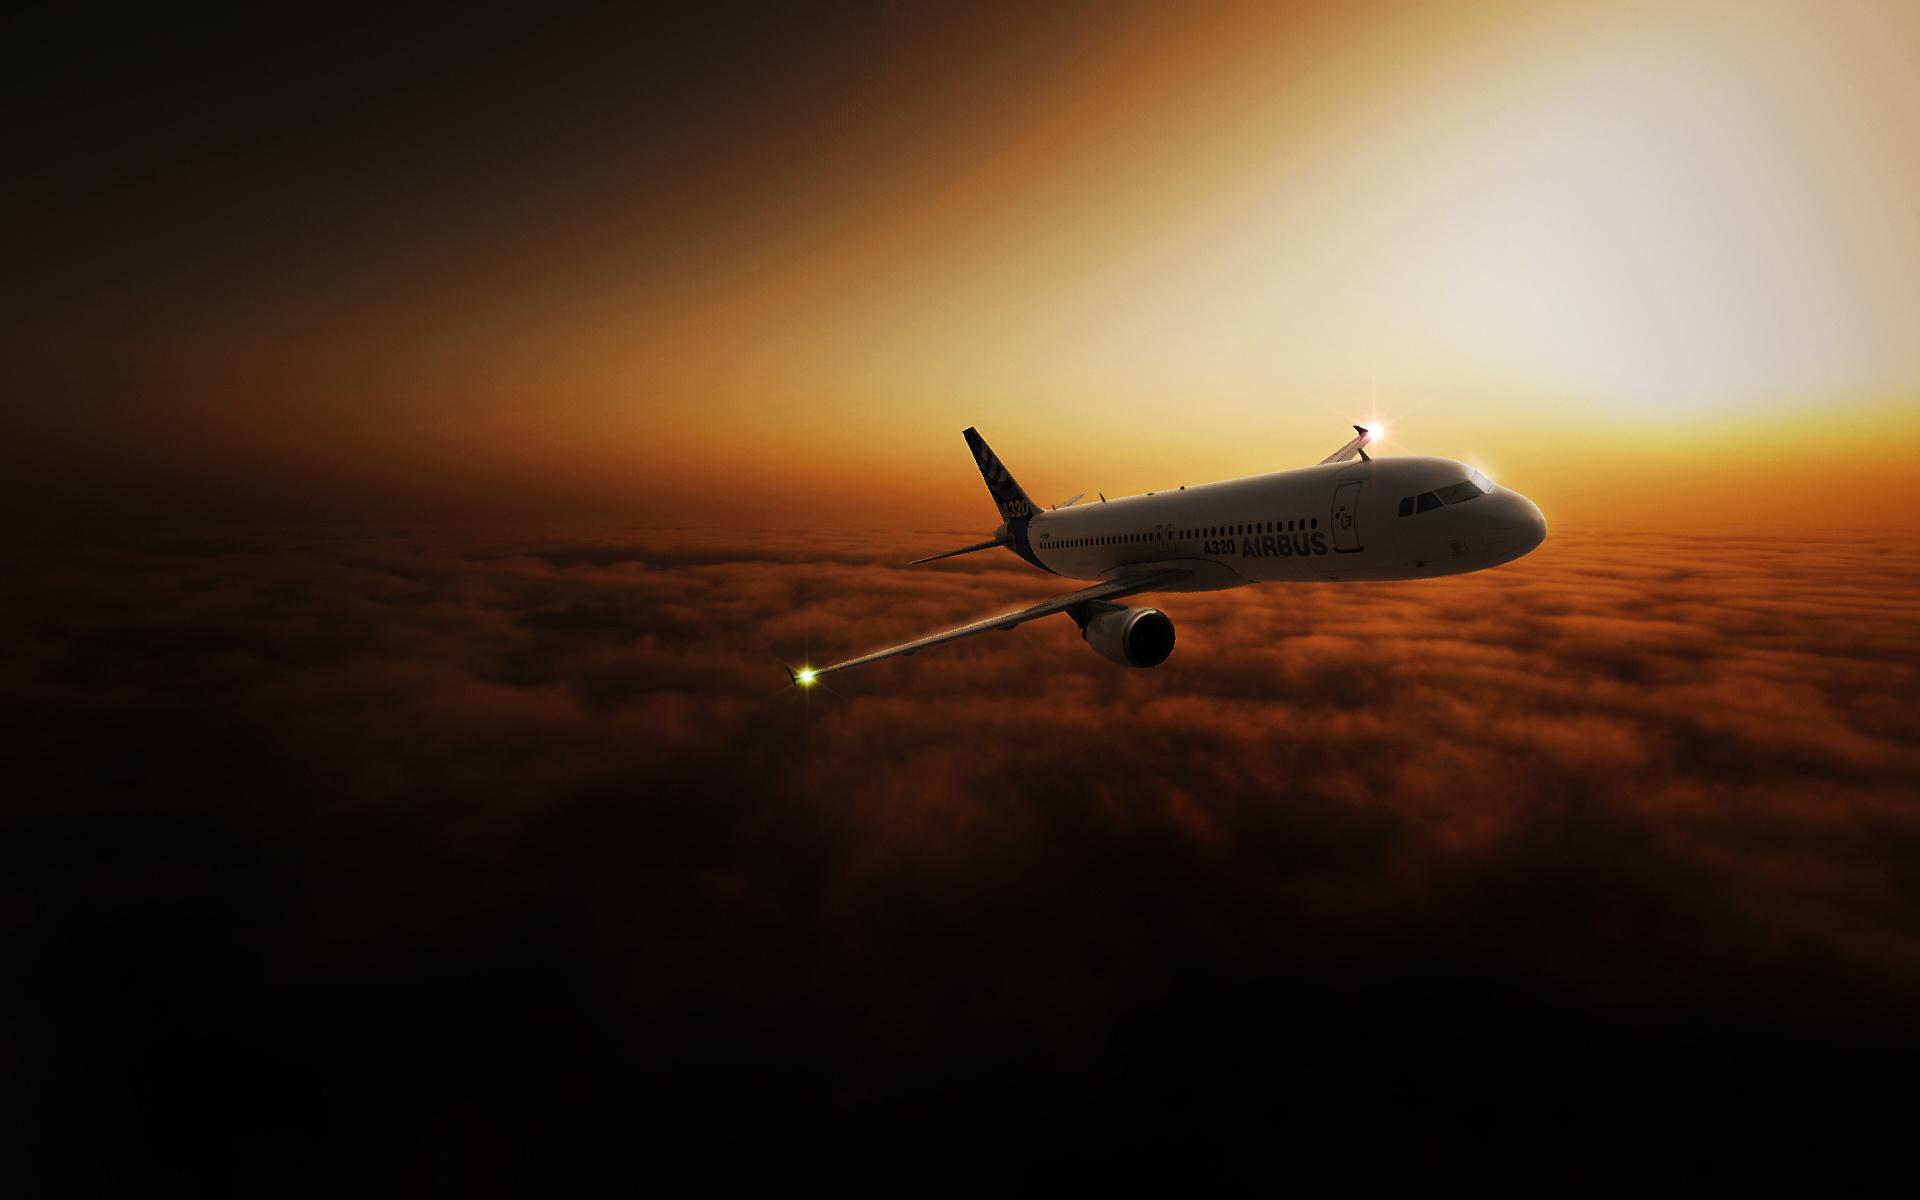 13540 Hintergrundbild herunterladen Flugzeuge, Transport - Bildschirmschoner und Bilder kostenlos